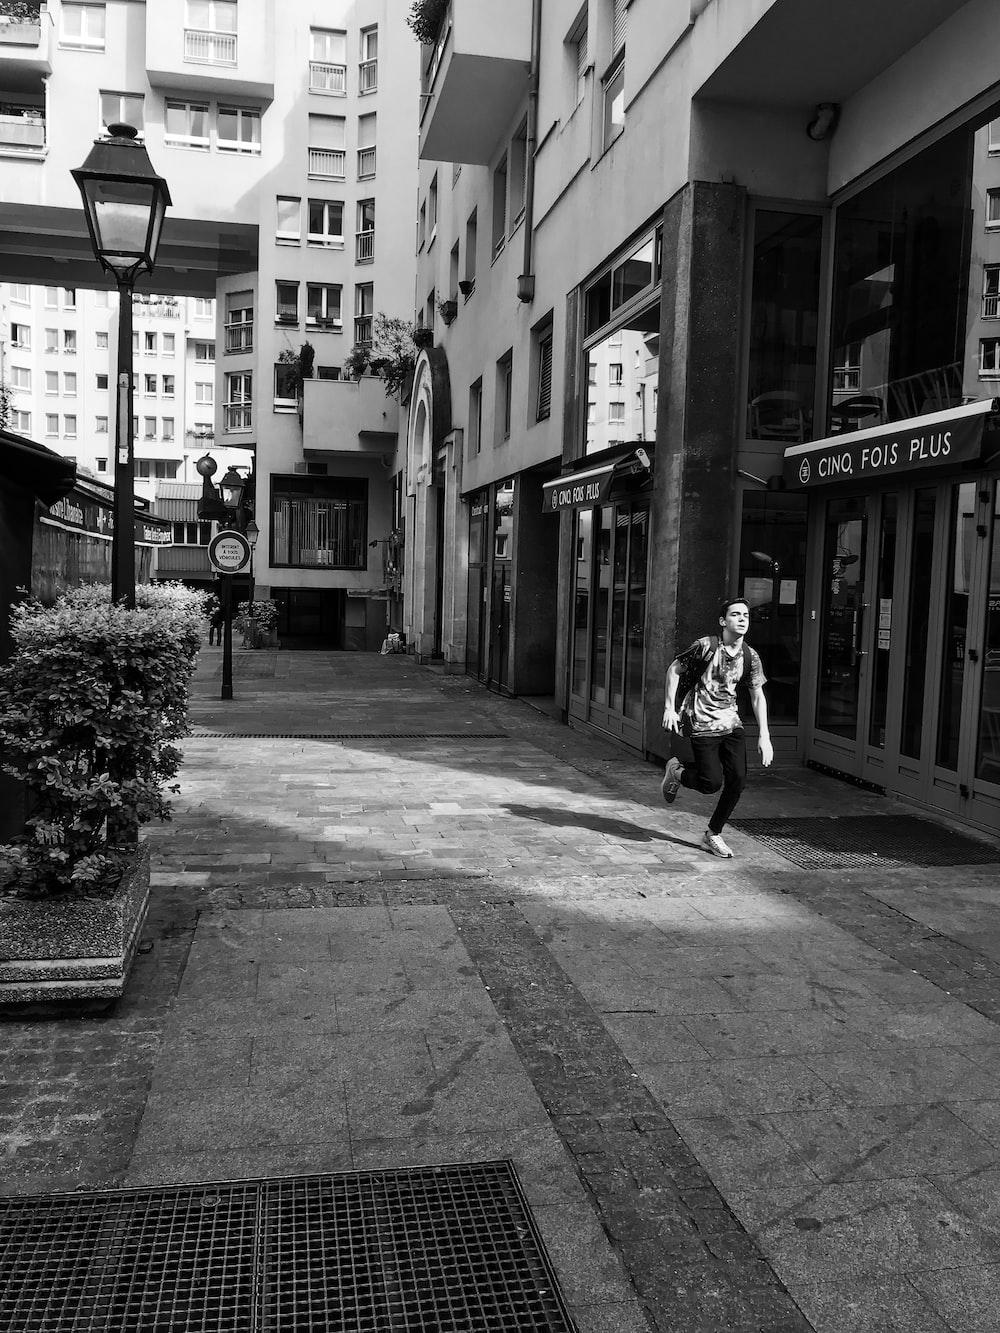 man running near building